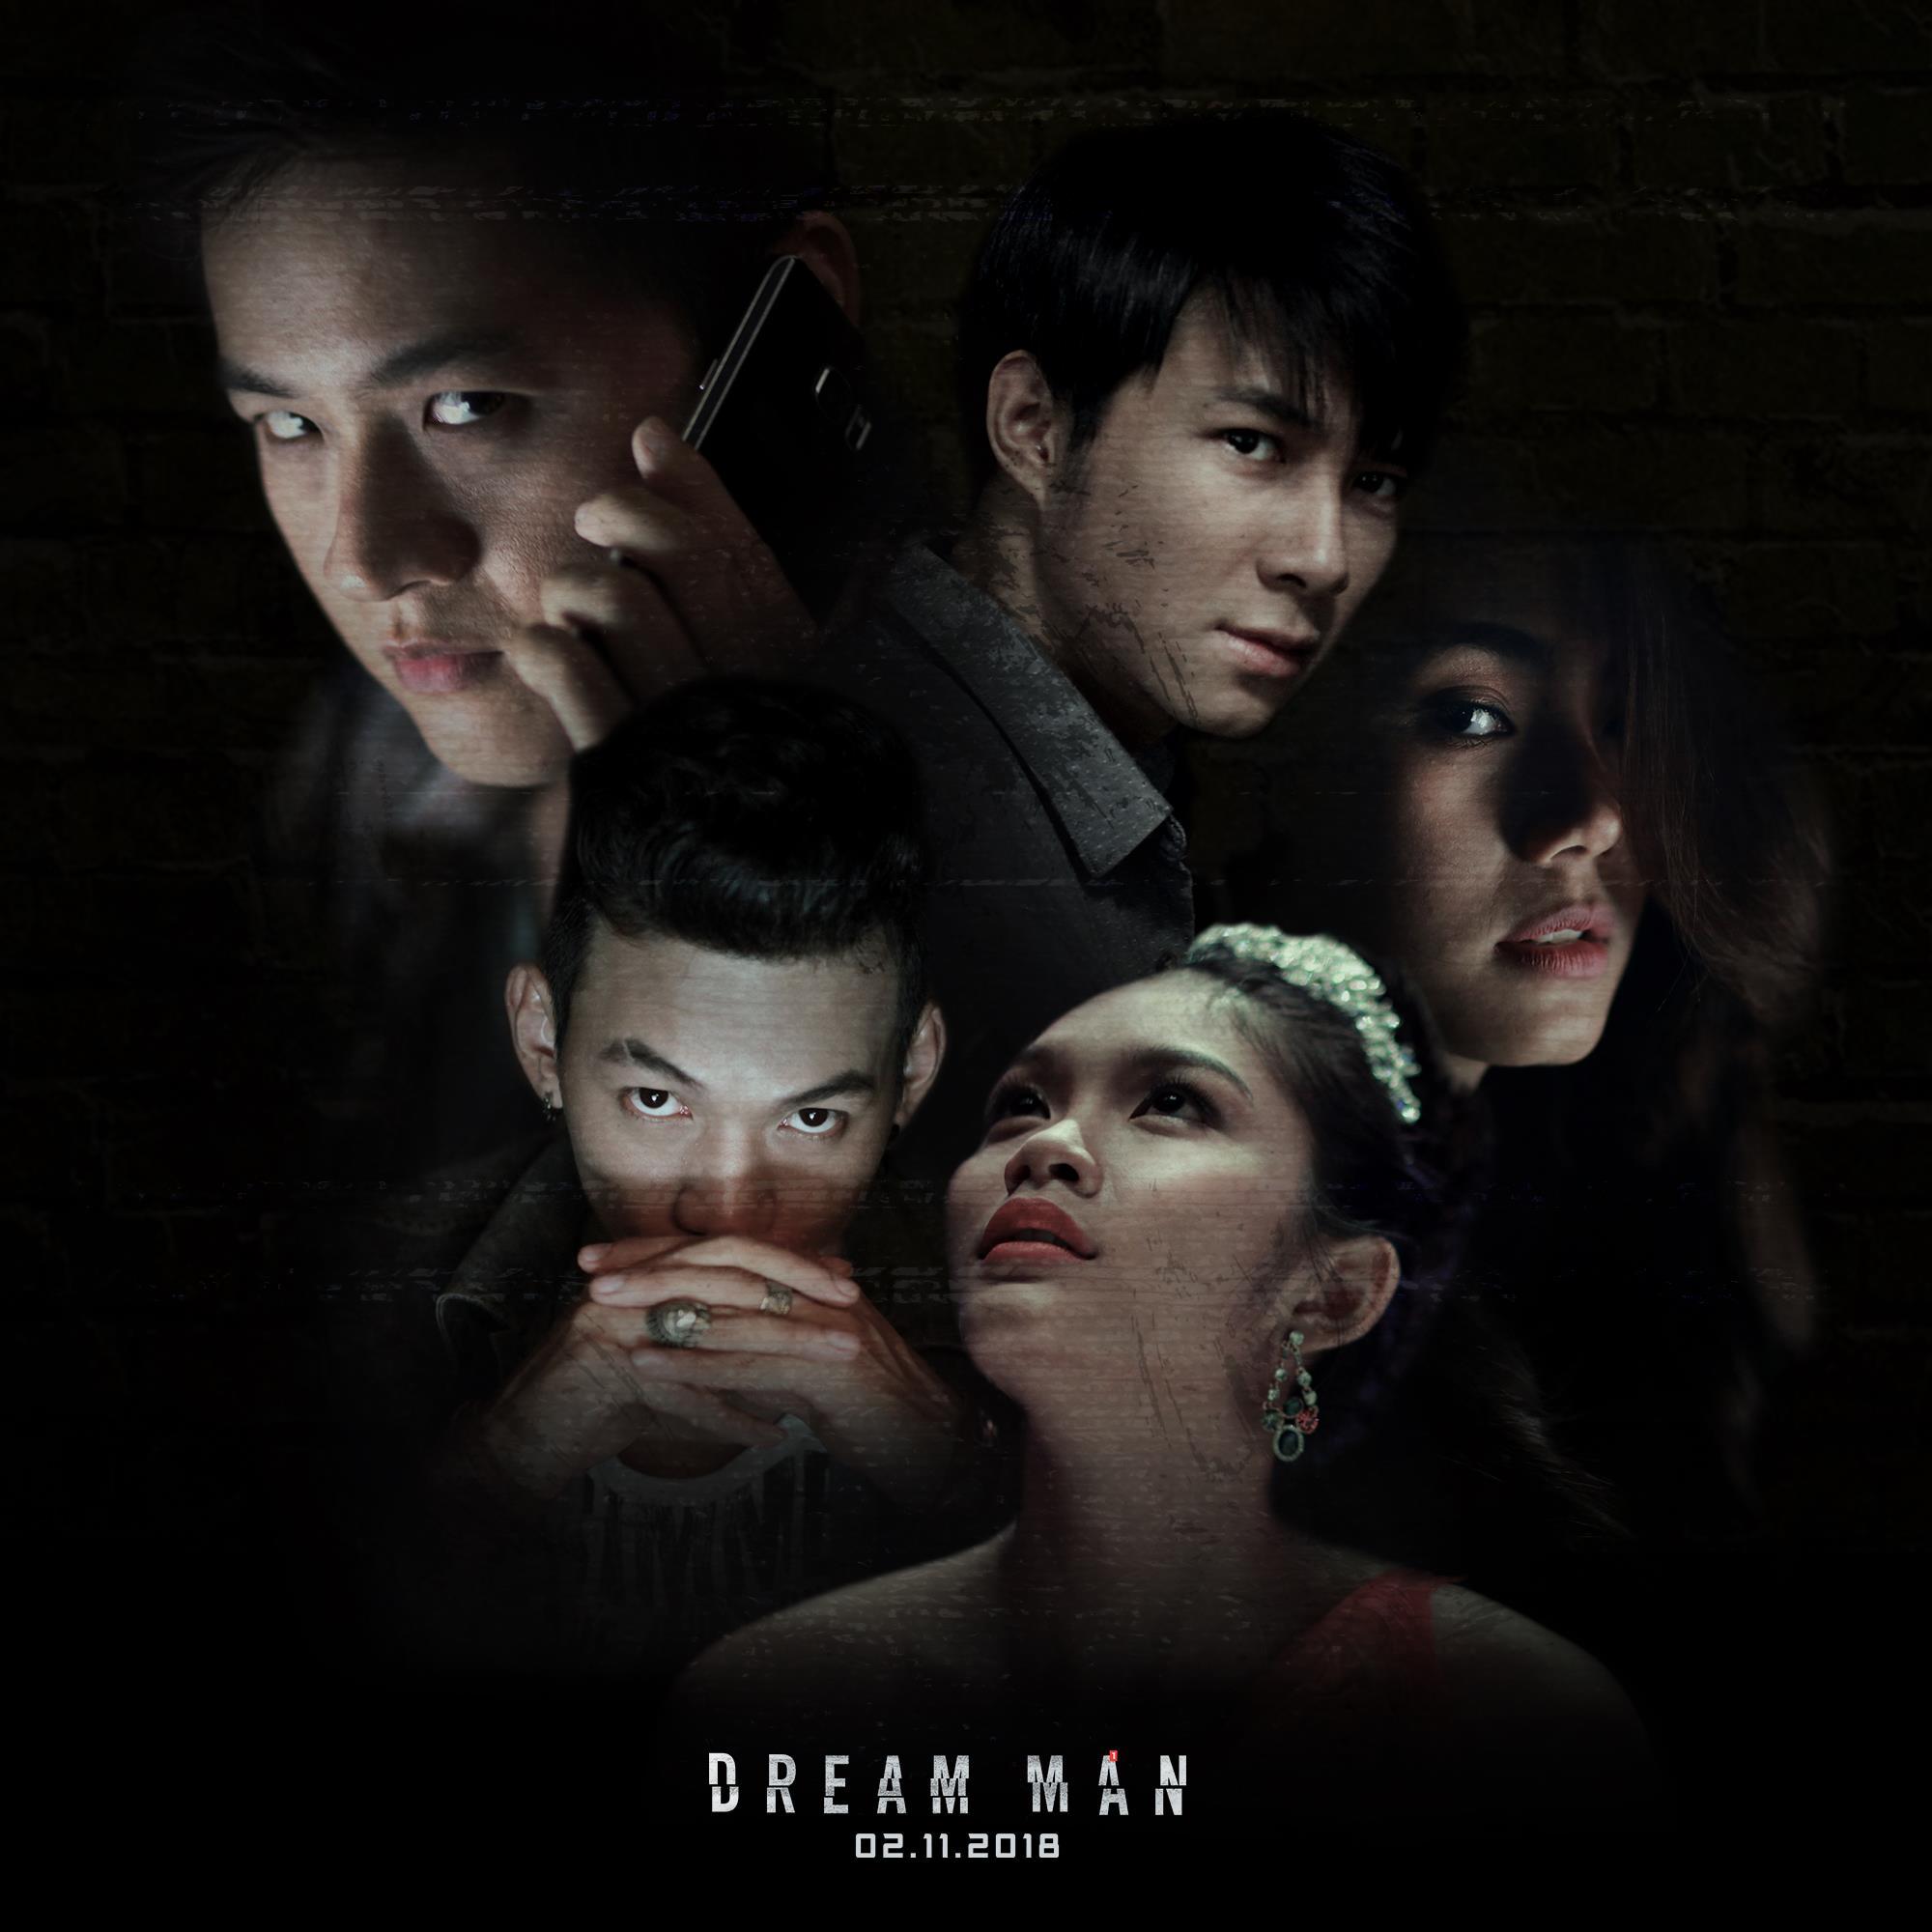 Thanh Tú - hotgirl có cái chết ma mị, ảo diệu trong Dream Man – Lời Kết Bạn Chết Chóc - Ảnh 3.